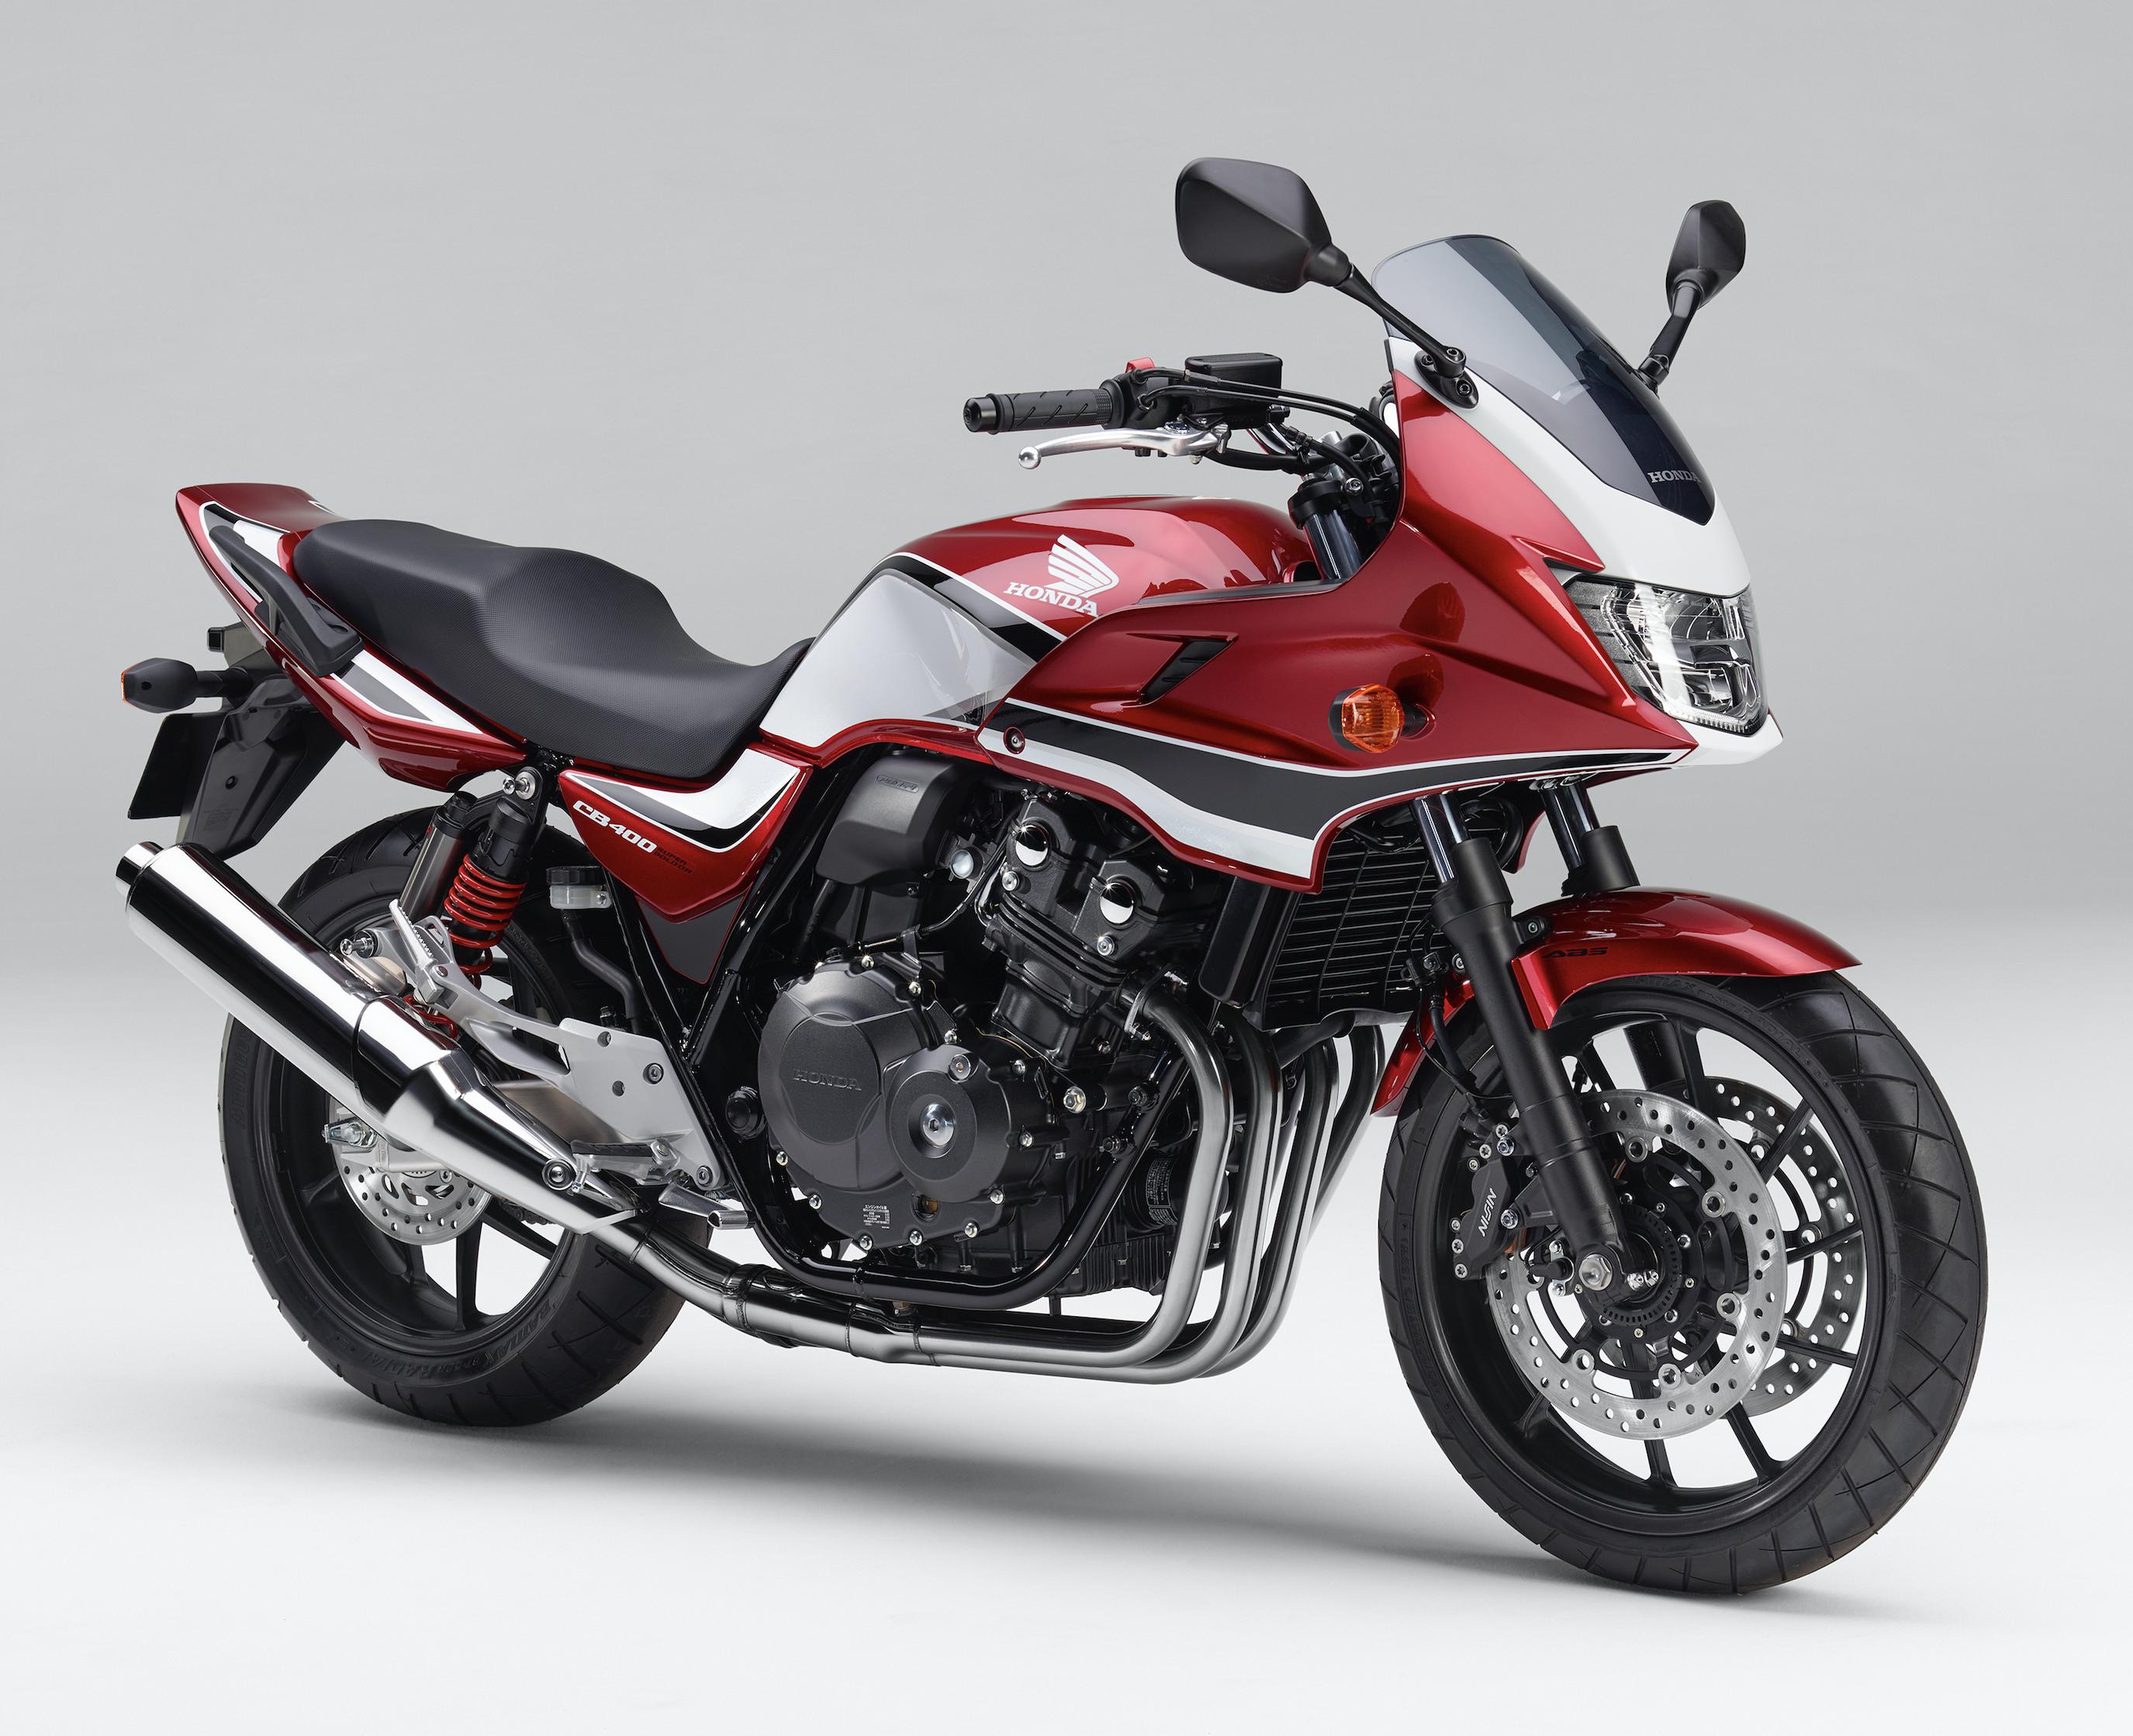 ホンダ Cb400 Super Four に艶やかレッドの新色追加 ホンダ ネイキッド バイク 最新 バイク